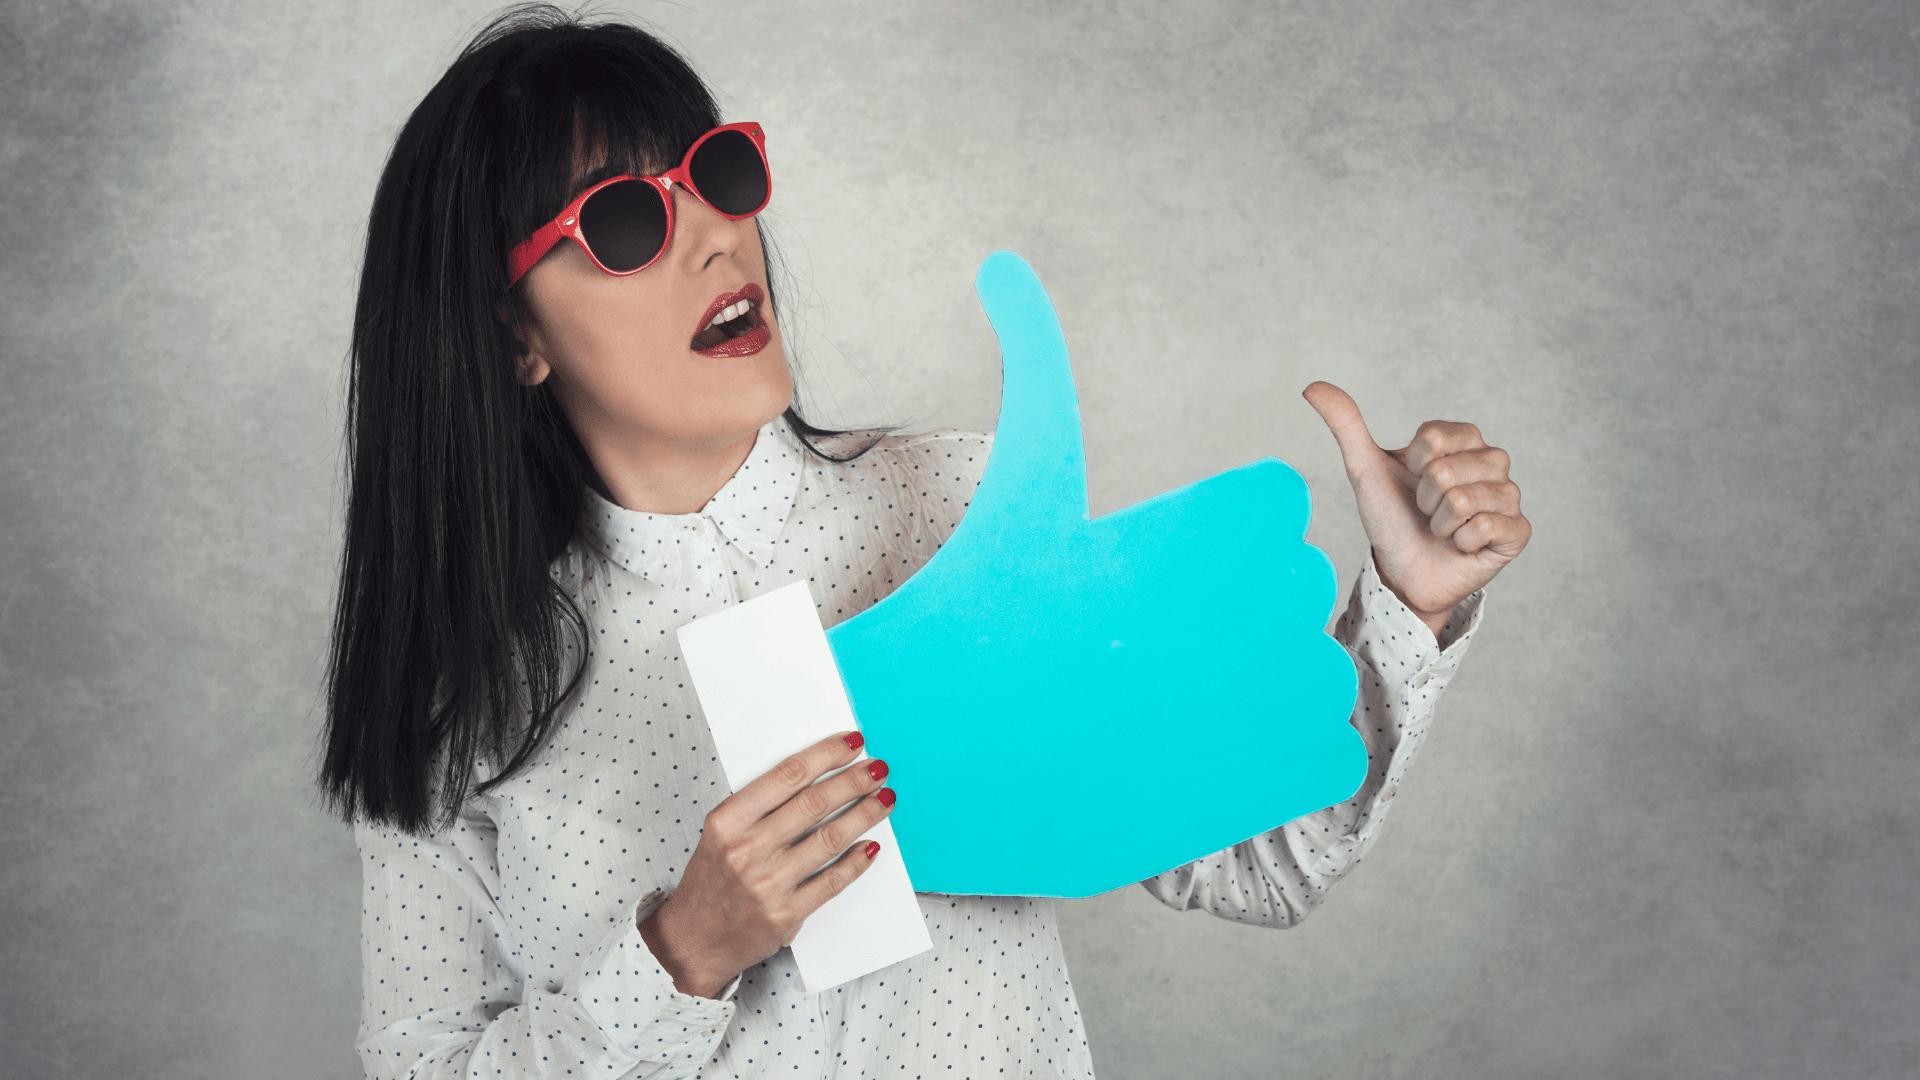 Hogyan válaszd ki a megfelelő kampánycélt Facebookon?